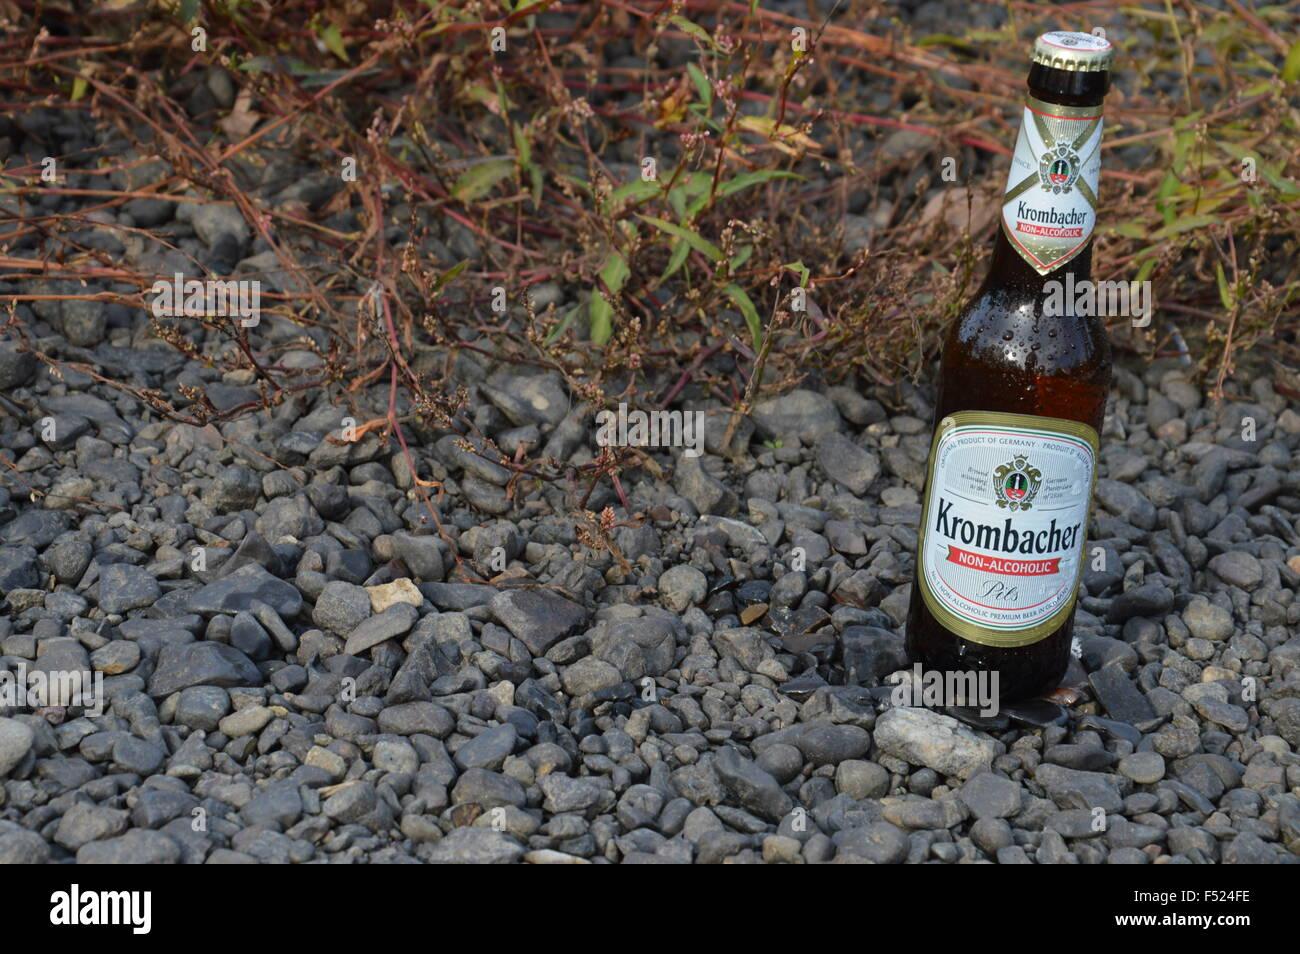 Bouteille de bière sans alcool d'illustration dans la nature Photo Stock